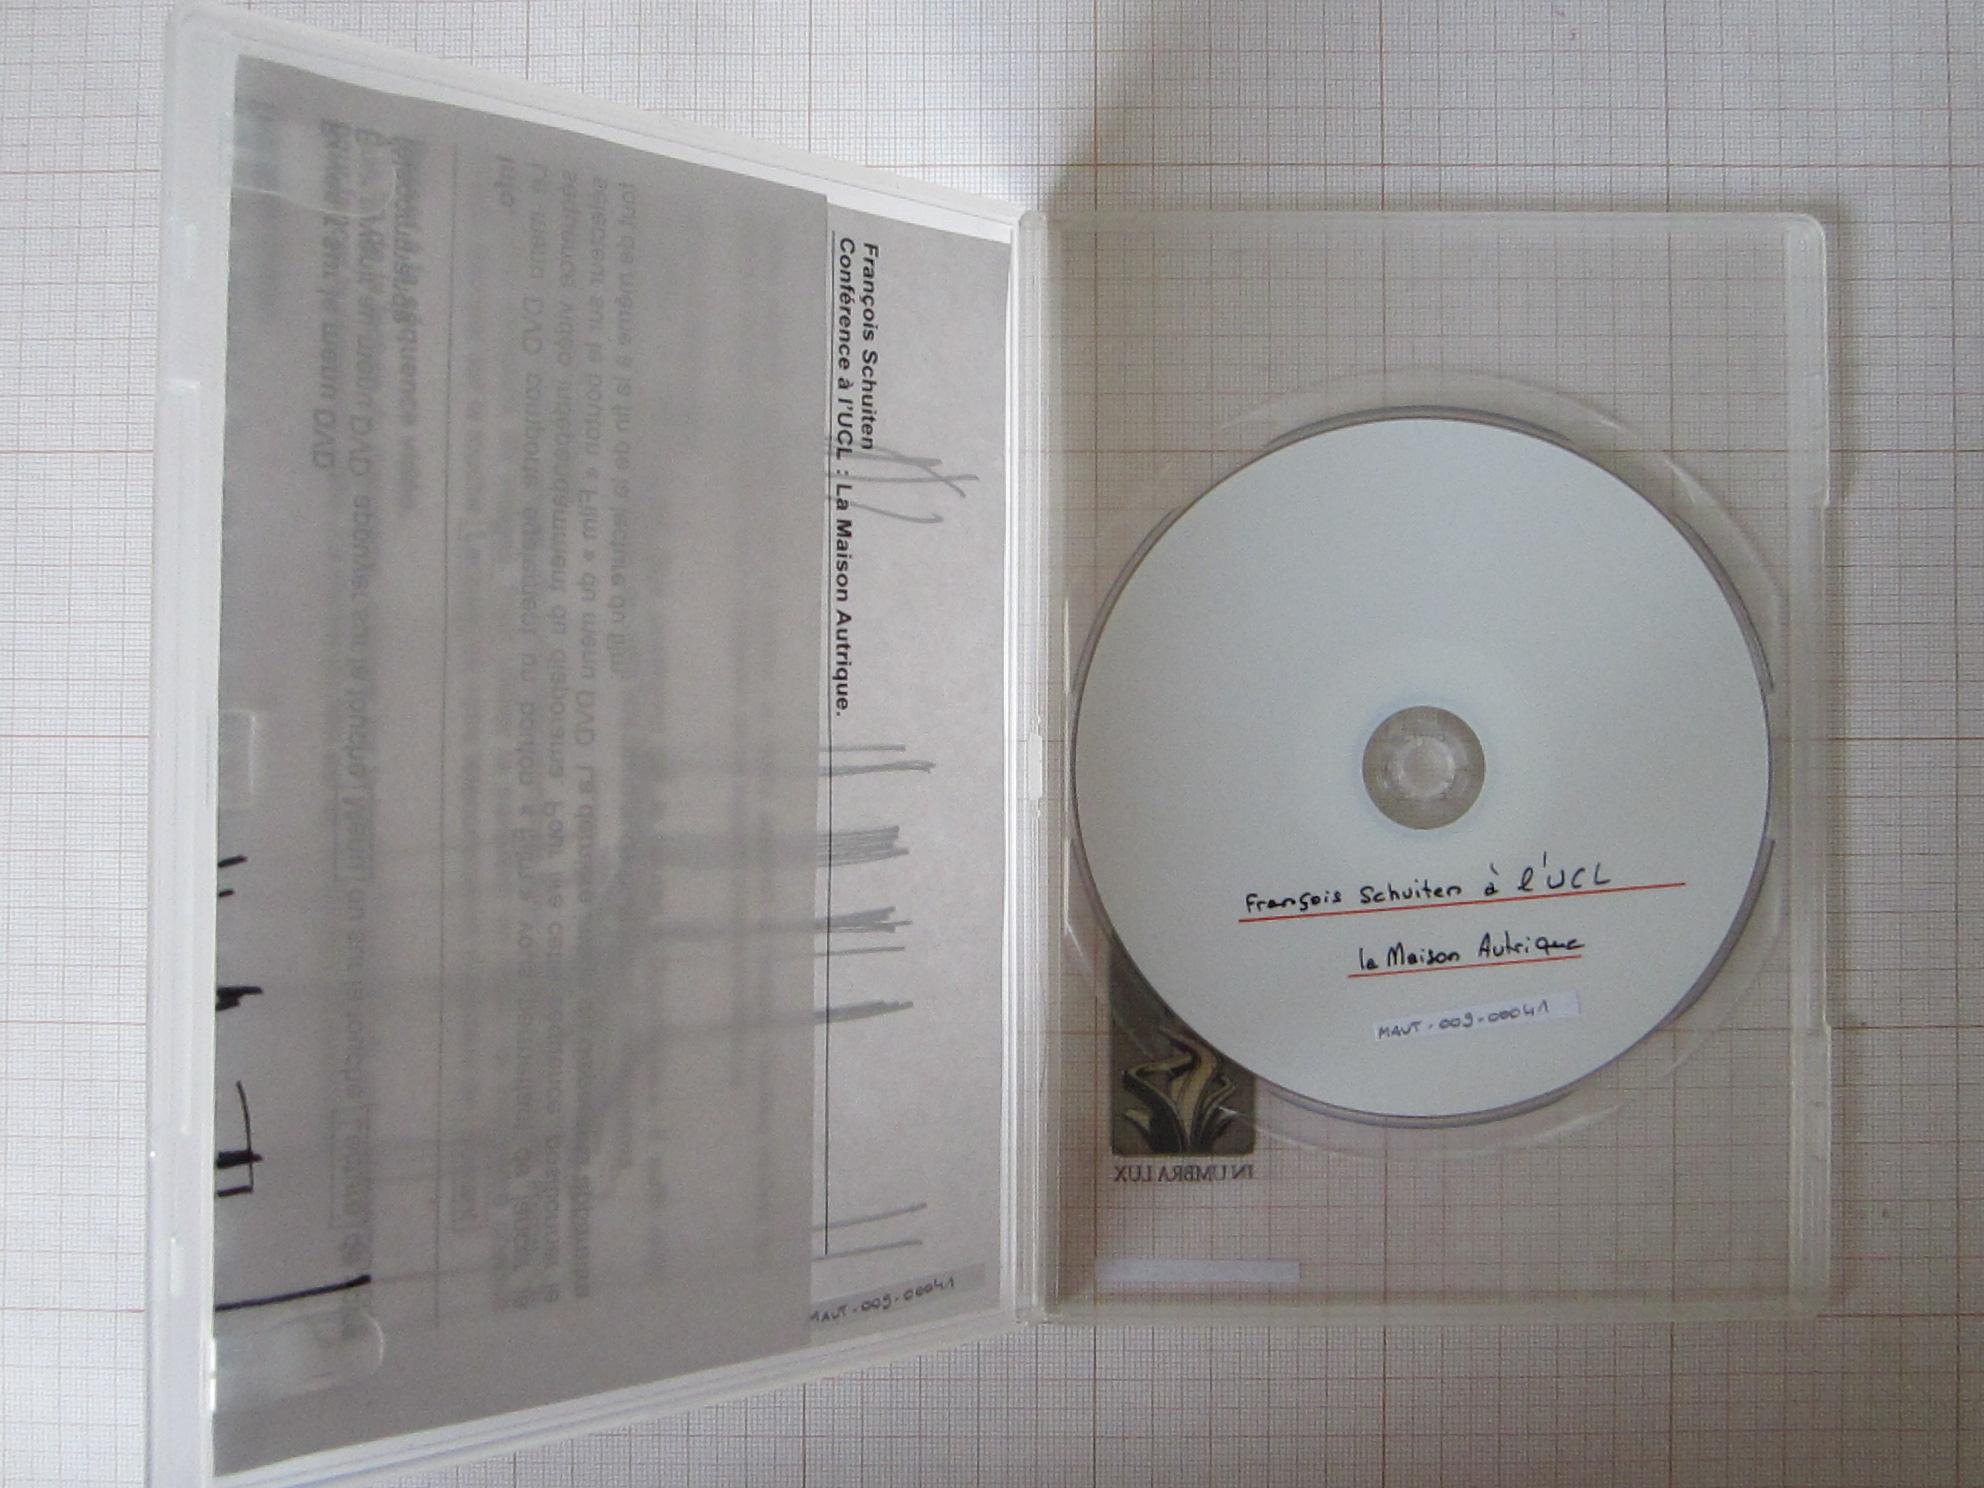 Cycle de conférences. François Schuiten à l'UCL : la Maison Autrique© Maison Autrique, 2008